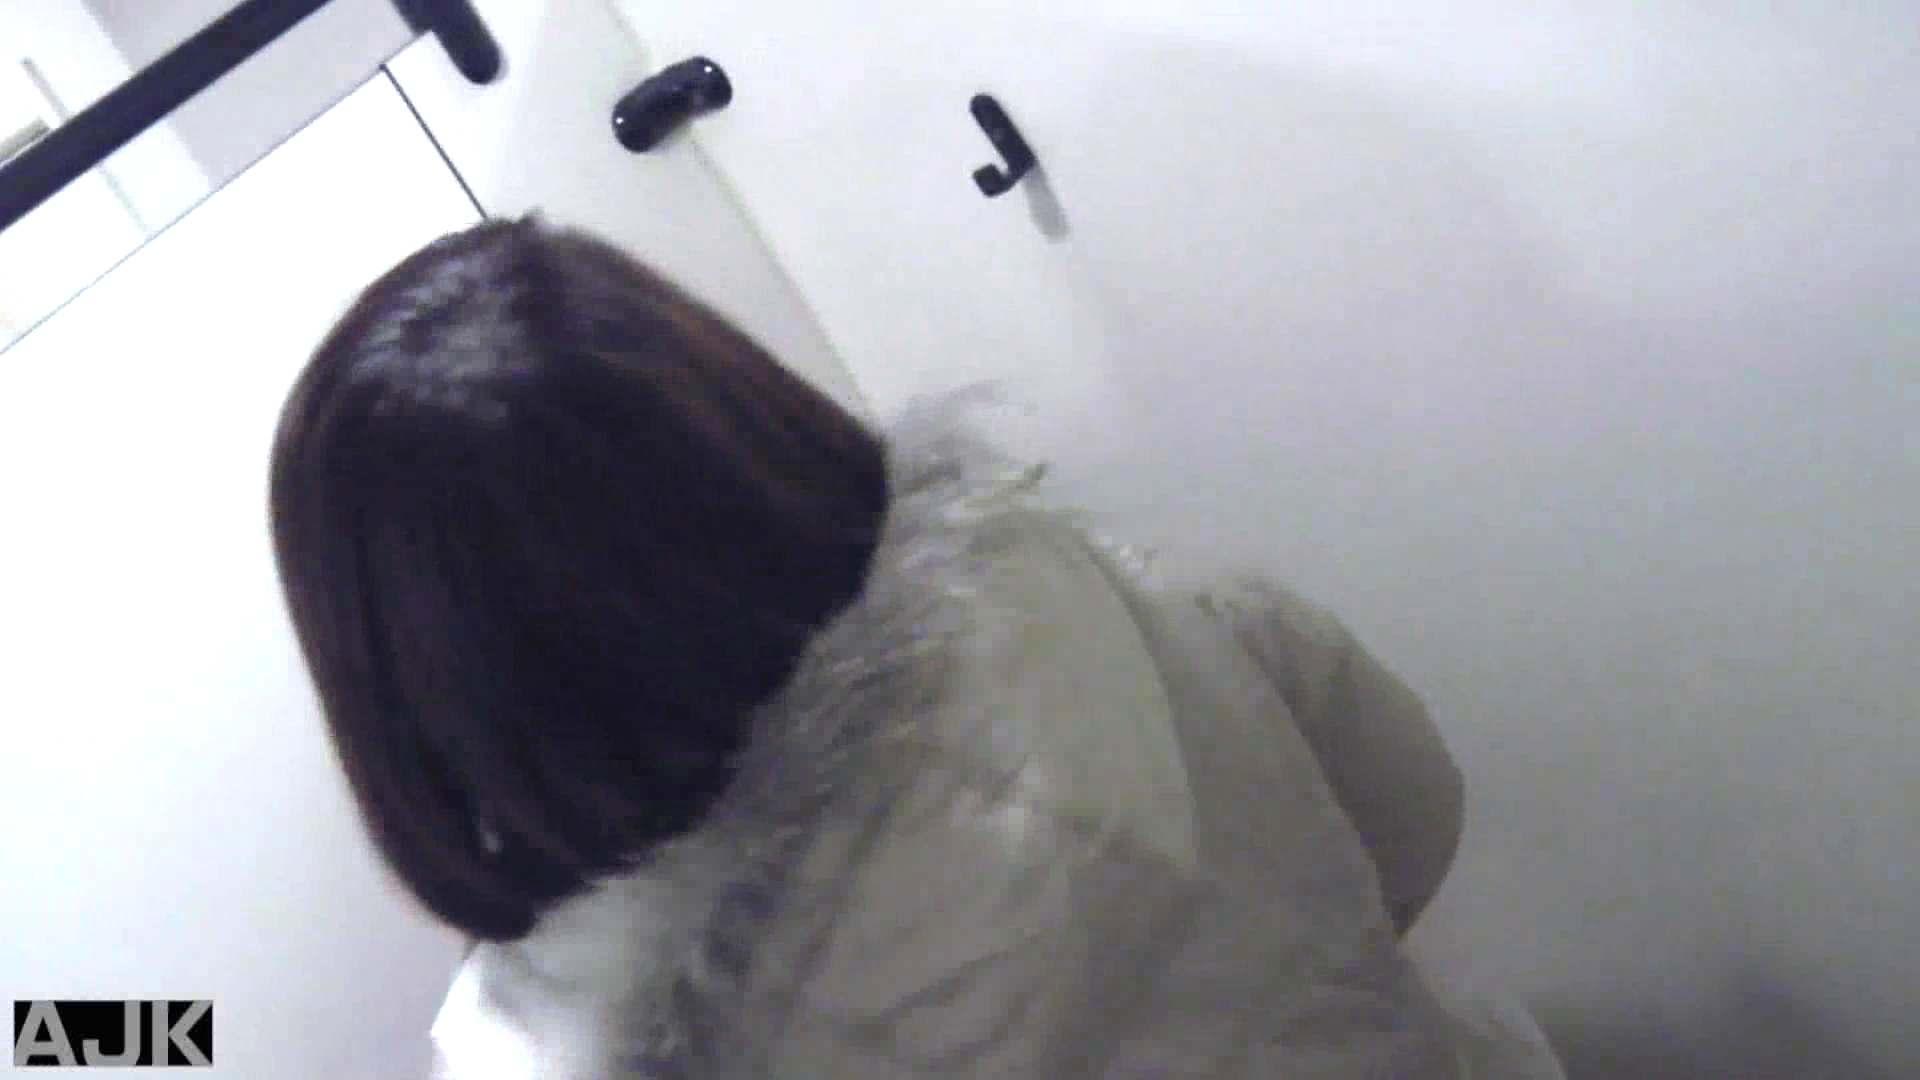 隣国上階級エリアの令嬢たちが集うデパートお手洗い Vol.30 お手洗いのぞき | 便所 のぞき 92画像 89